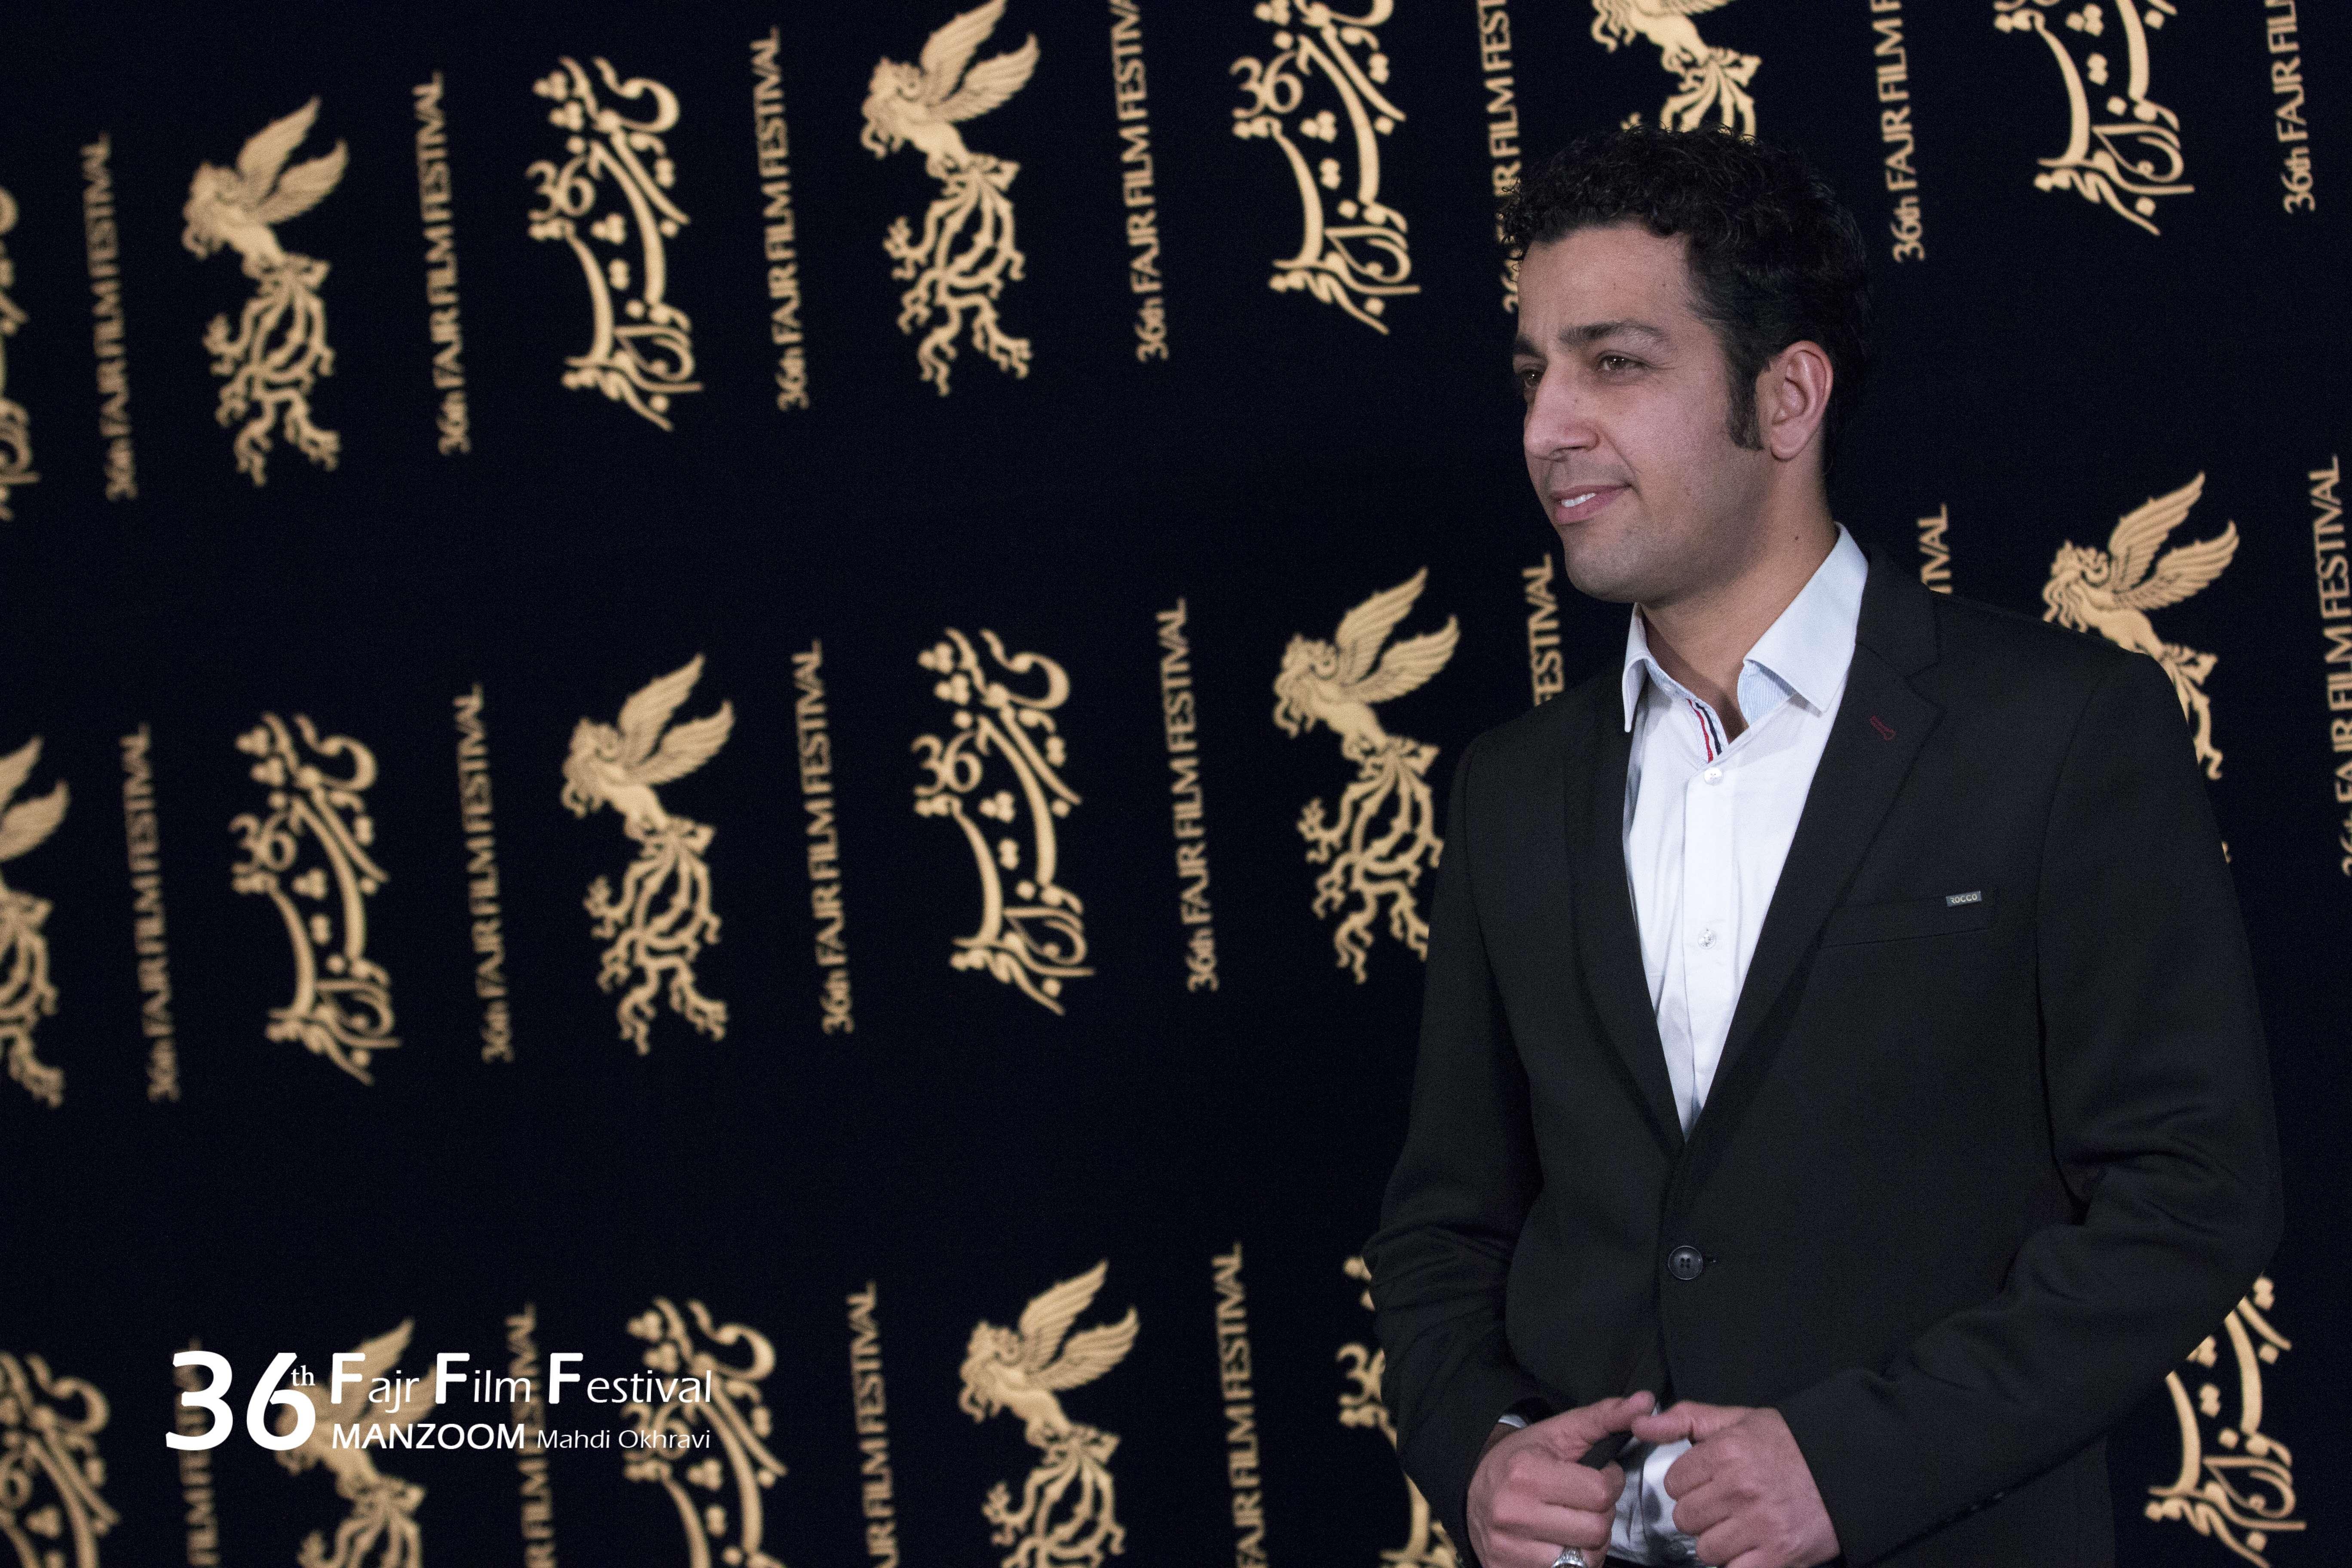 هادی بهروز در جشنواره فیلم سینمایی لاتاری